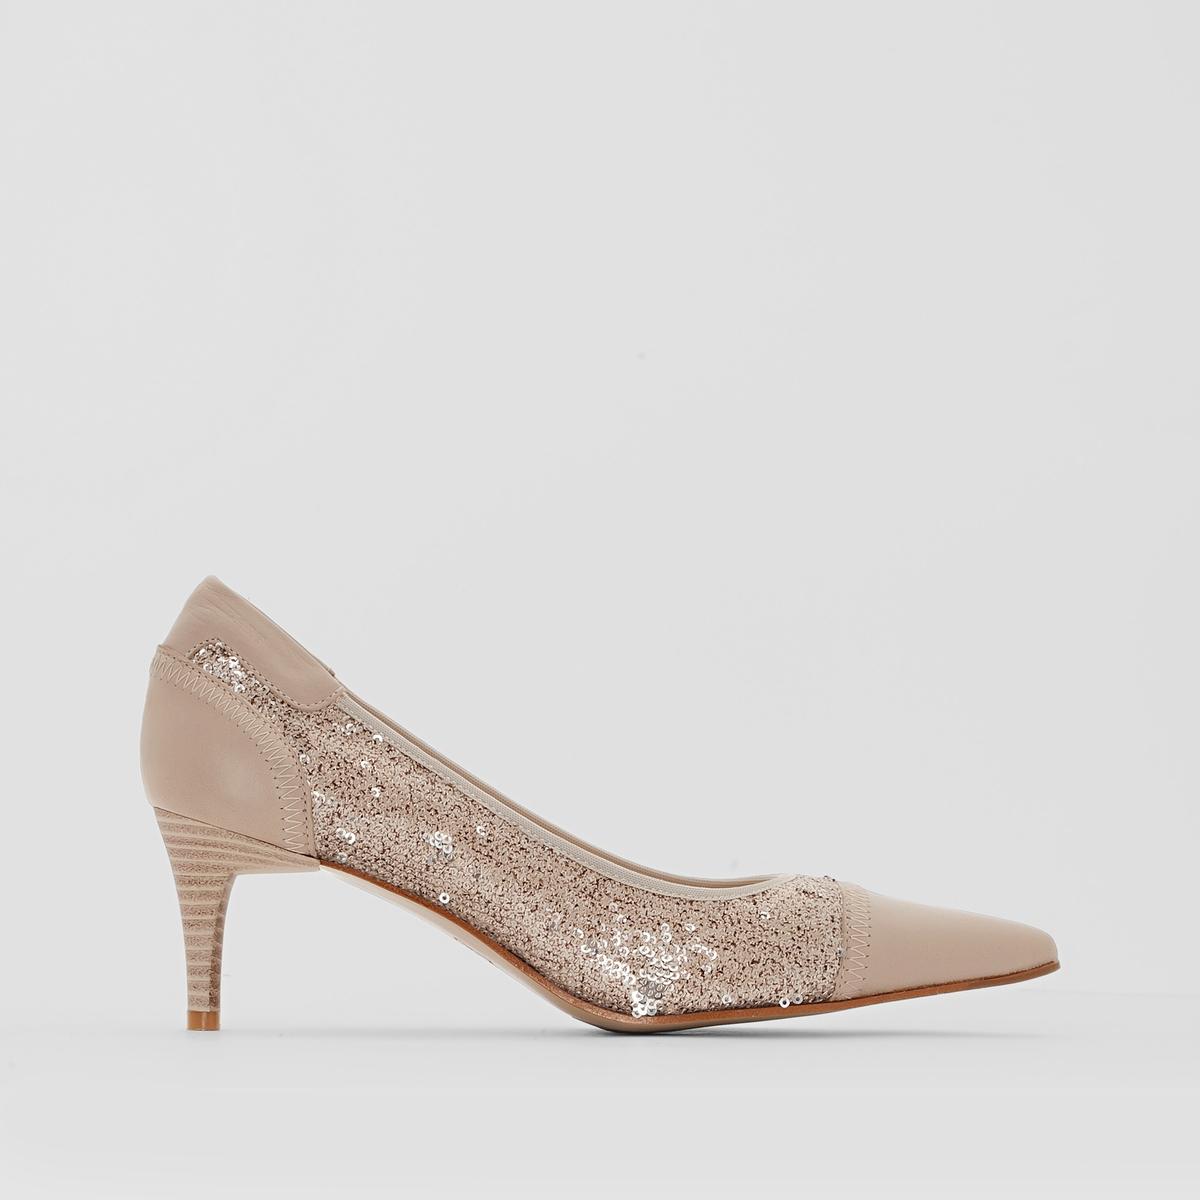 Туфли кожаные, ELIZABETH STUART RAMAКрасивые, изысканные и женственные туфли из мягкой кожи, подчеркнутые очаровательными пайетками, словно легким штрихом, украсят наш образ и вечера!<br><br>Цвет: бежевый/пайетки<br>Размер: 37